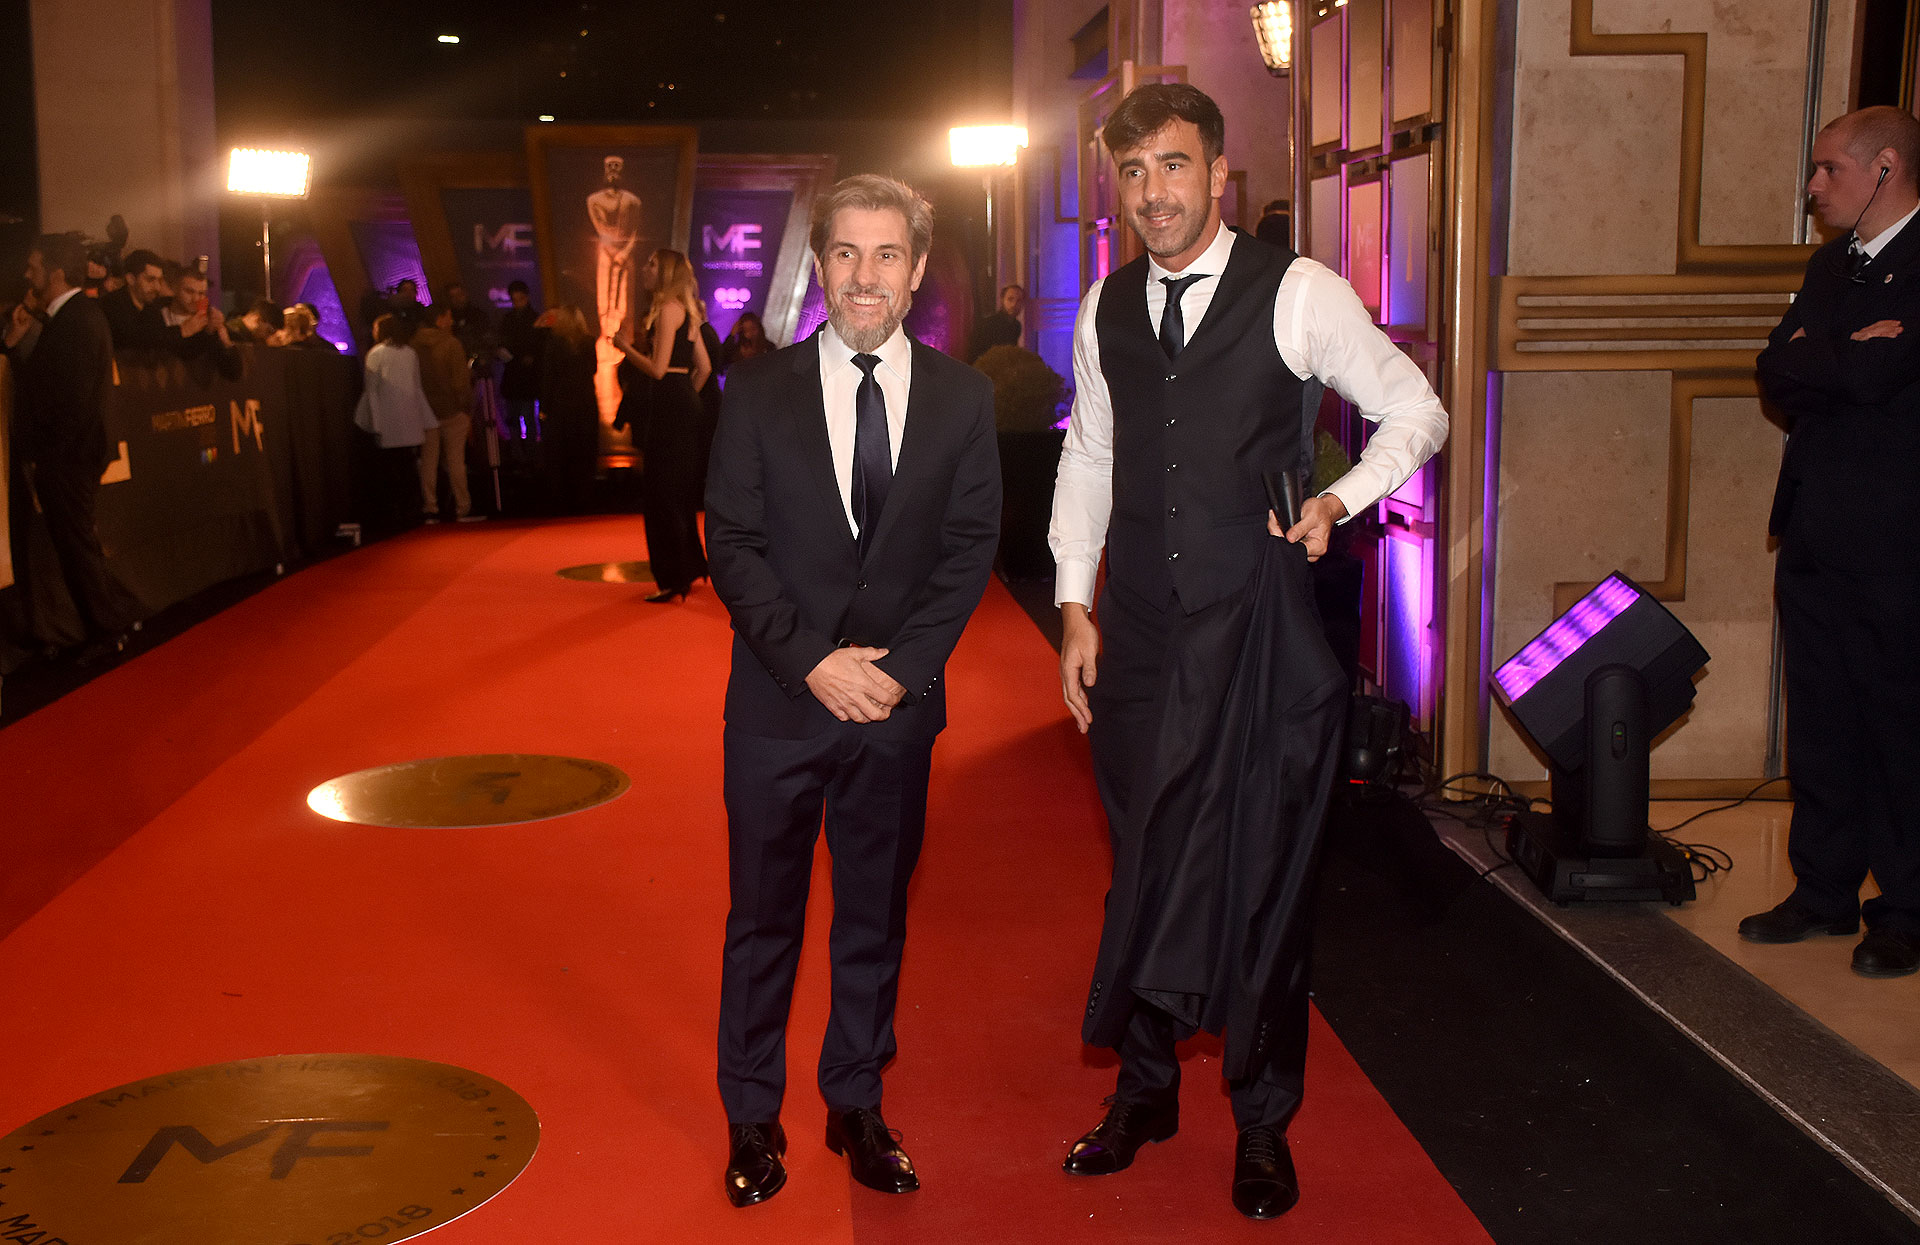 Pablo Prada y Federico Hoppe con trajes en azul y negro